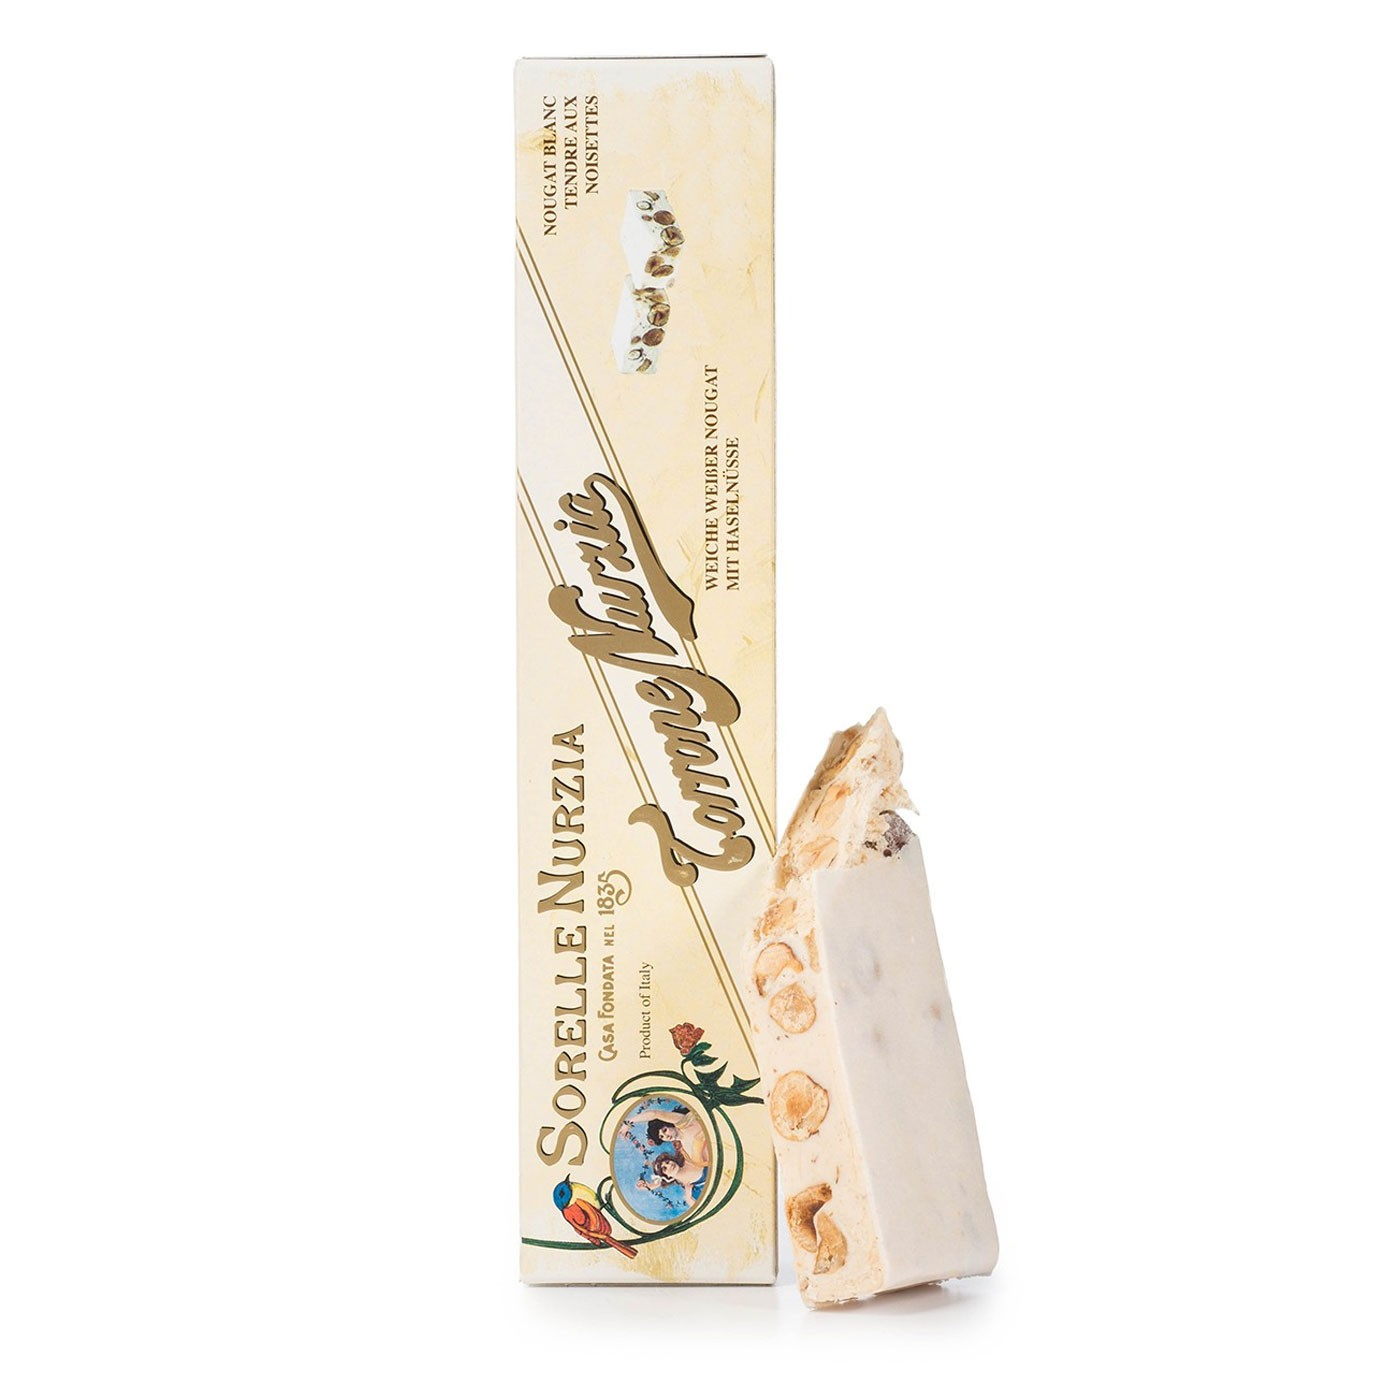 Soft Torrone Hazelnut Nougat 7.1 oz